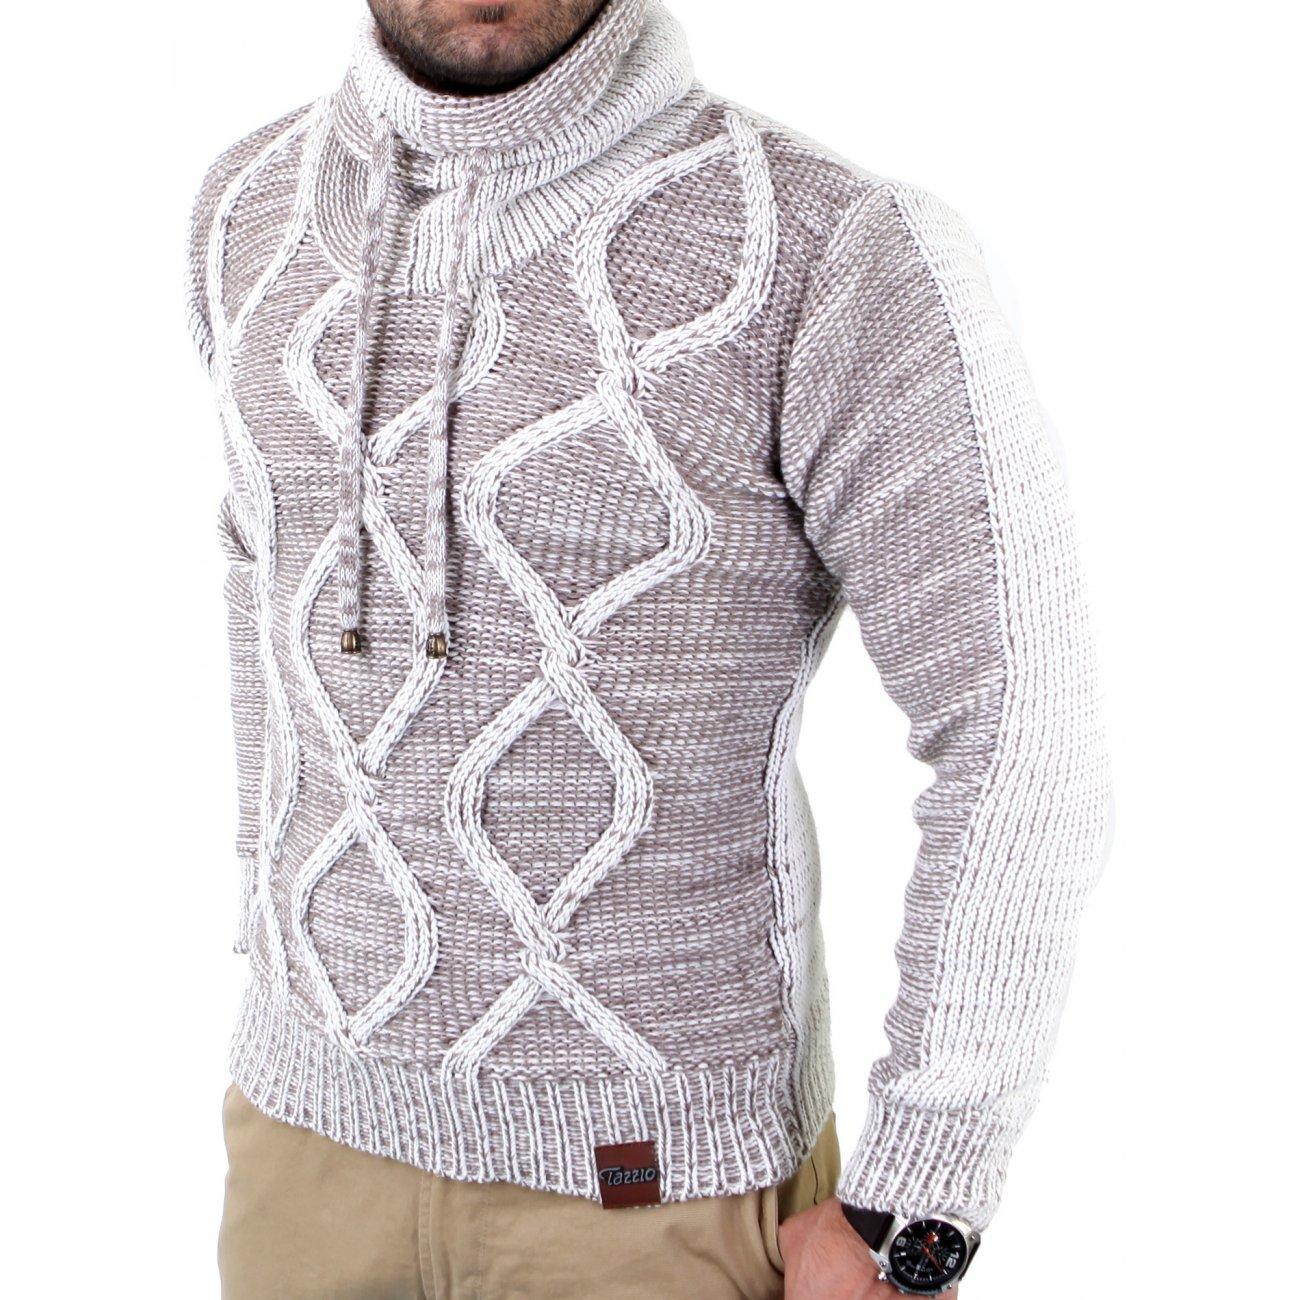 grobstrick pullover herren tazzio 3992 winterpullover kaufen. Black Bedroom Furniture Sets. Home Design Ideas